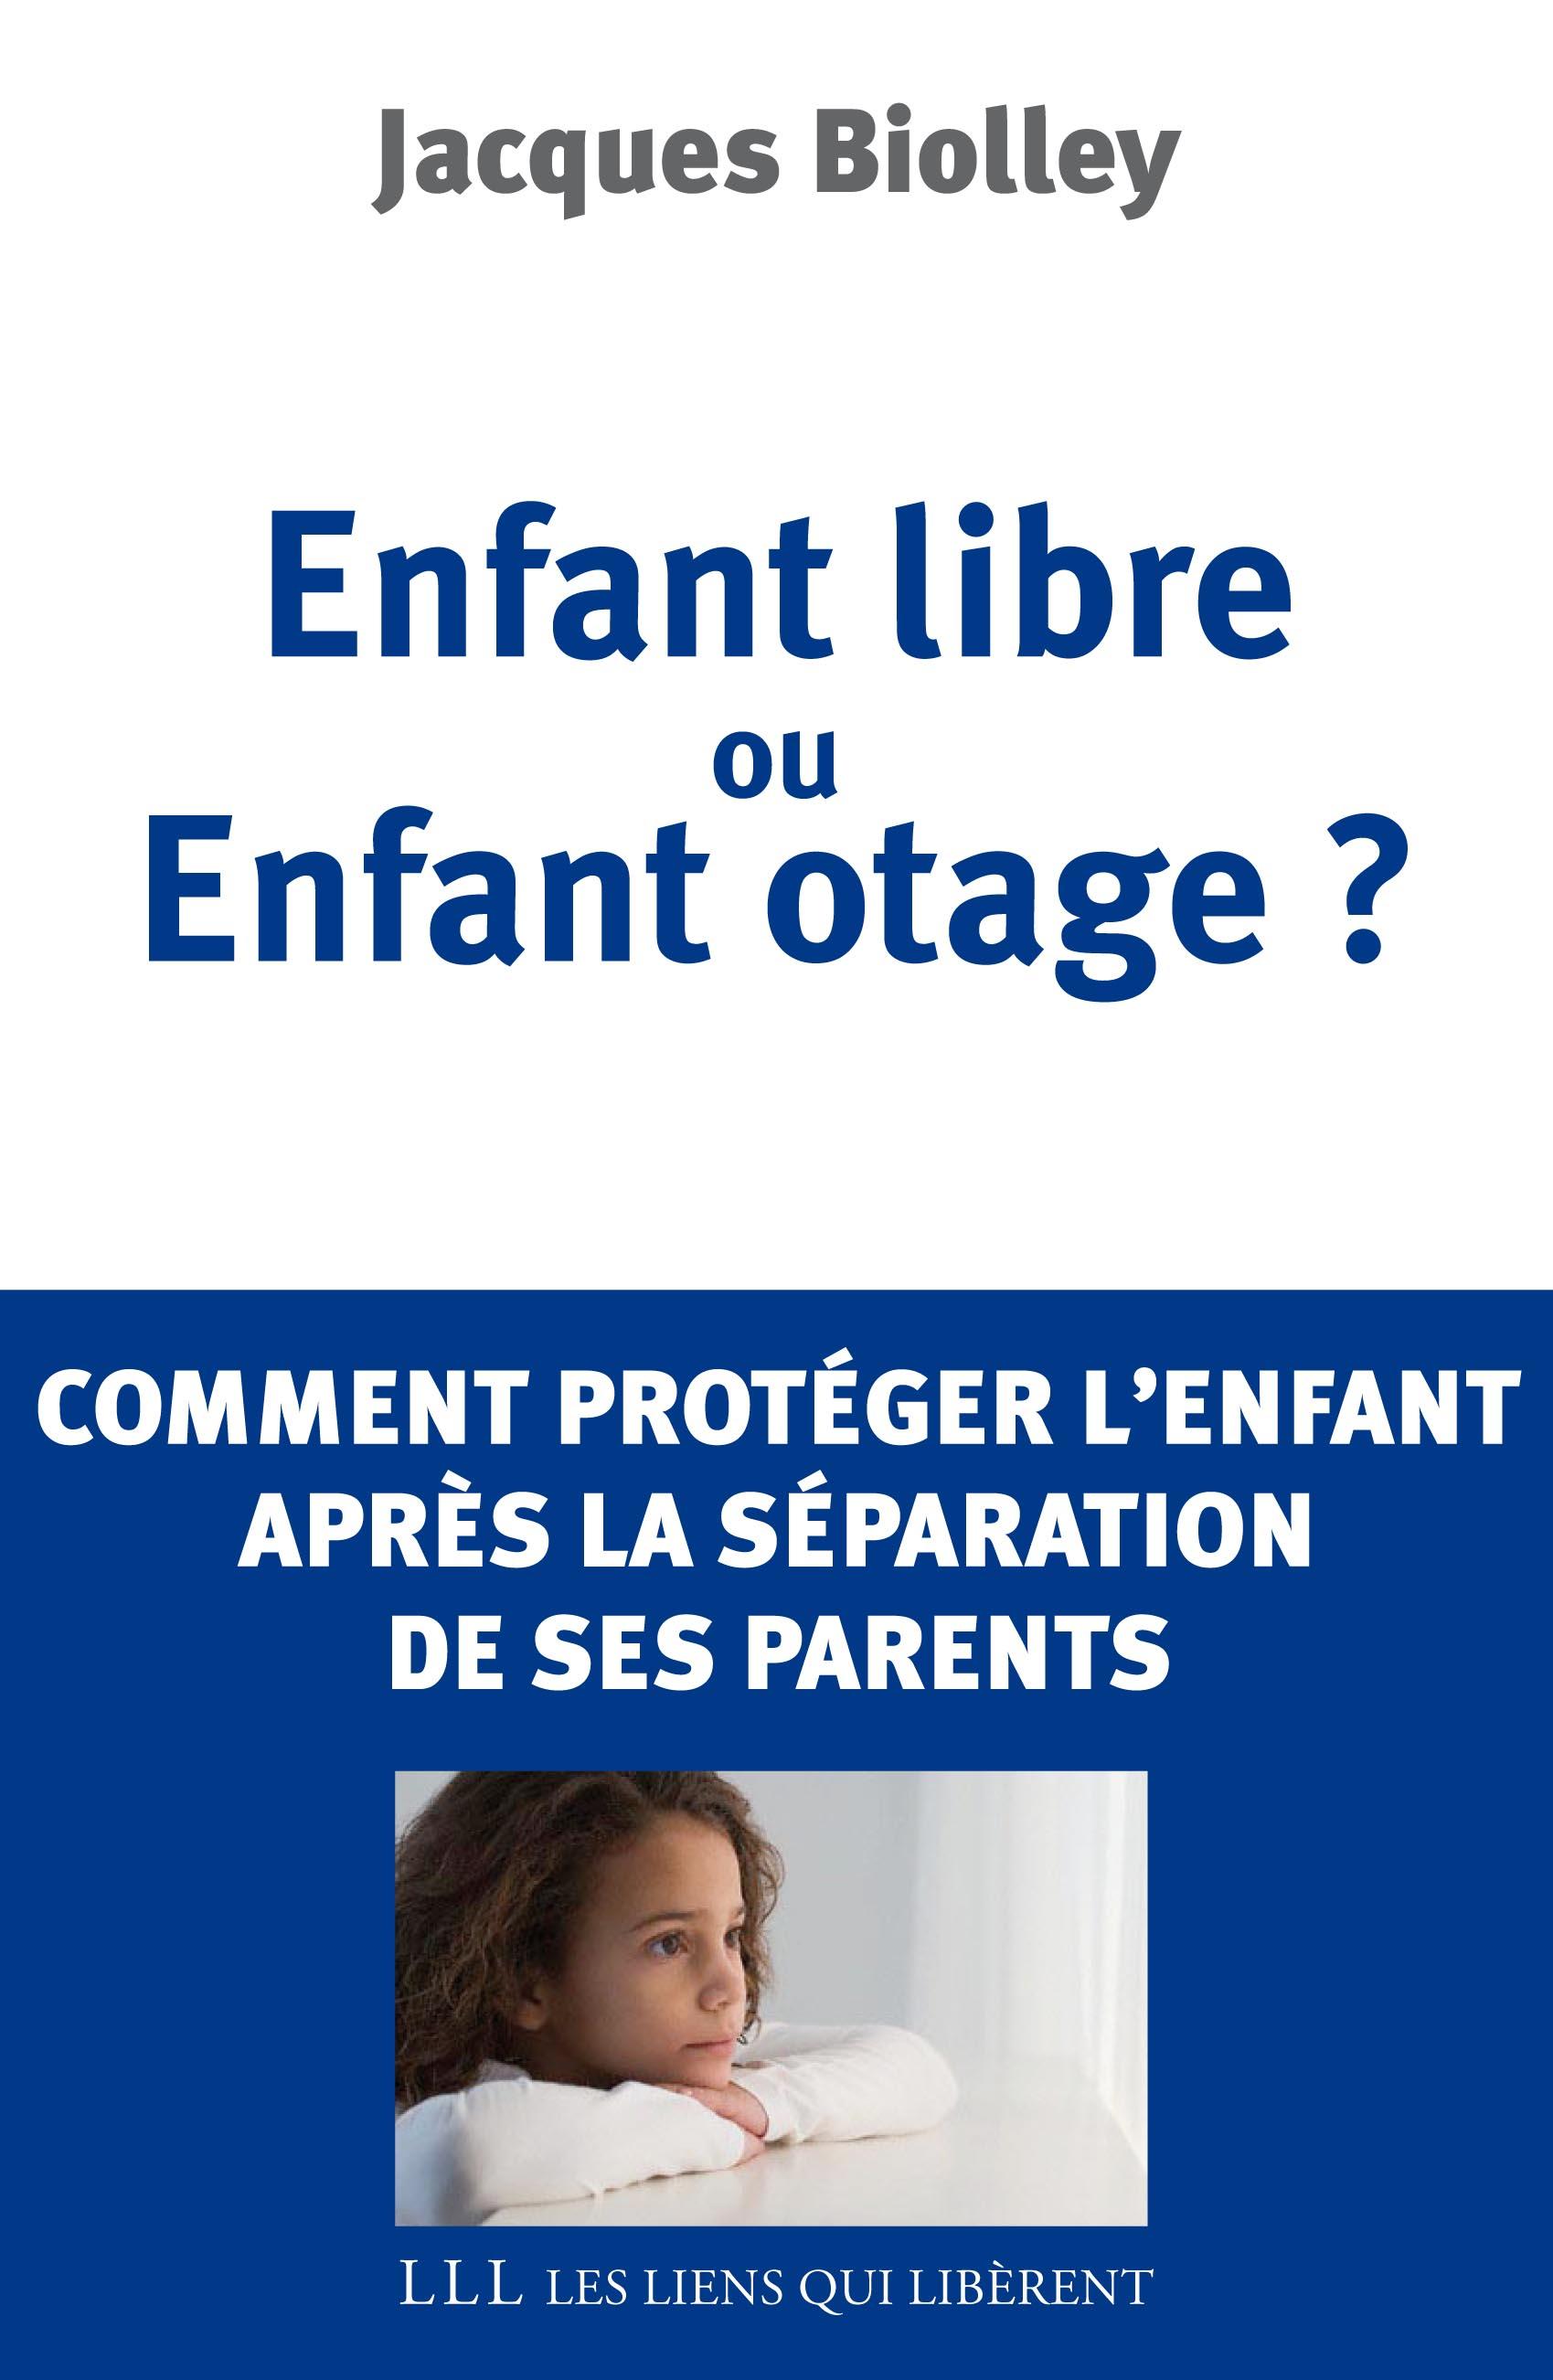 Enfant libre ou enfant otage ?